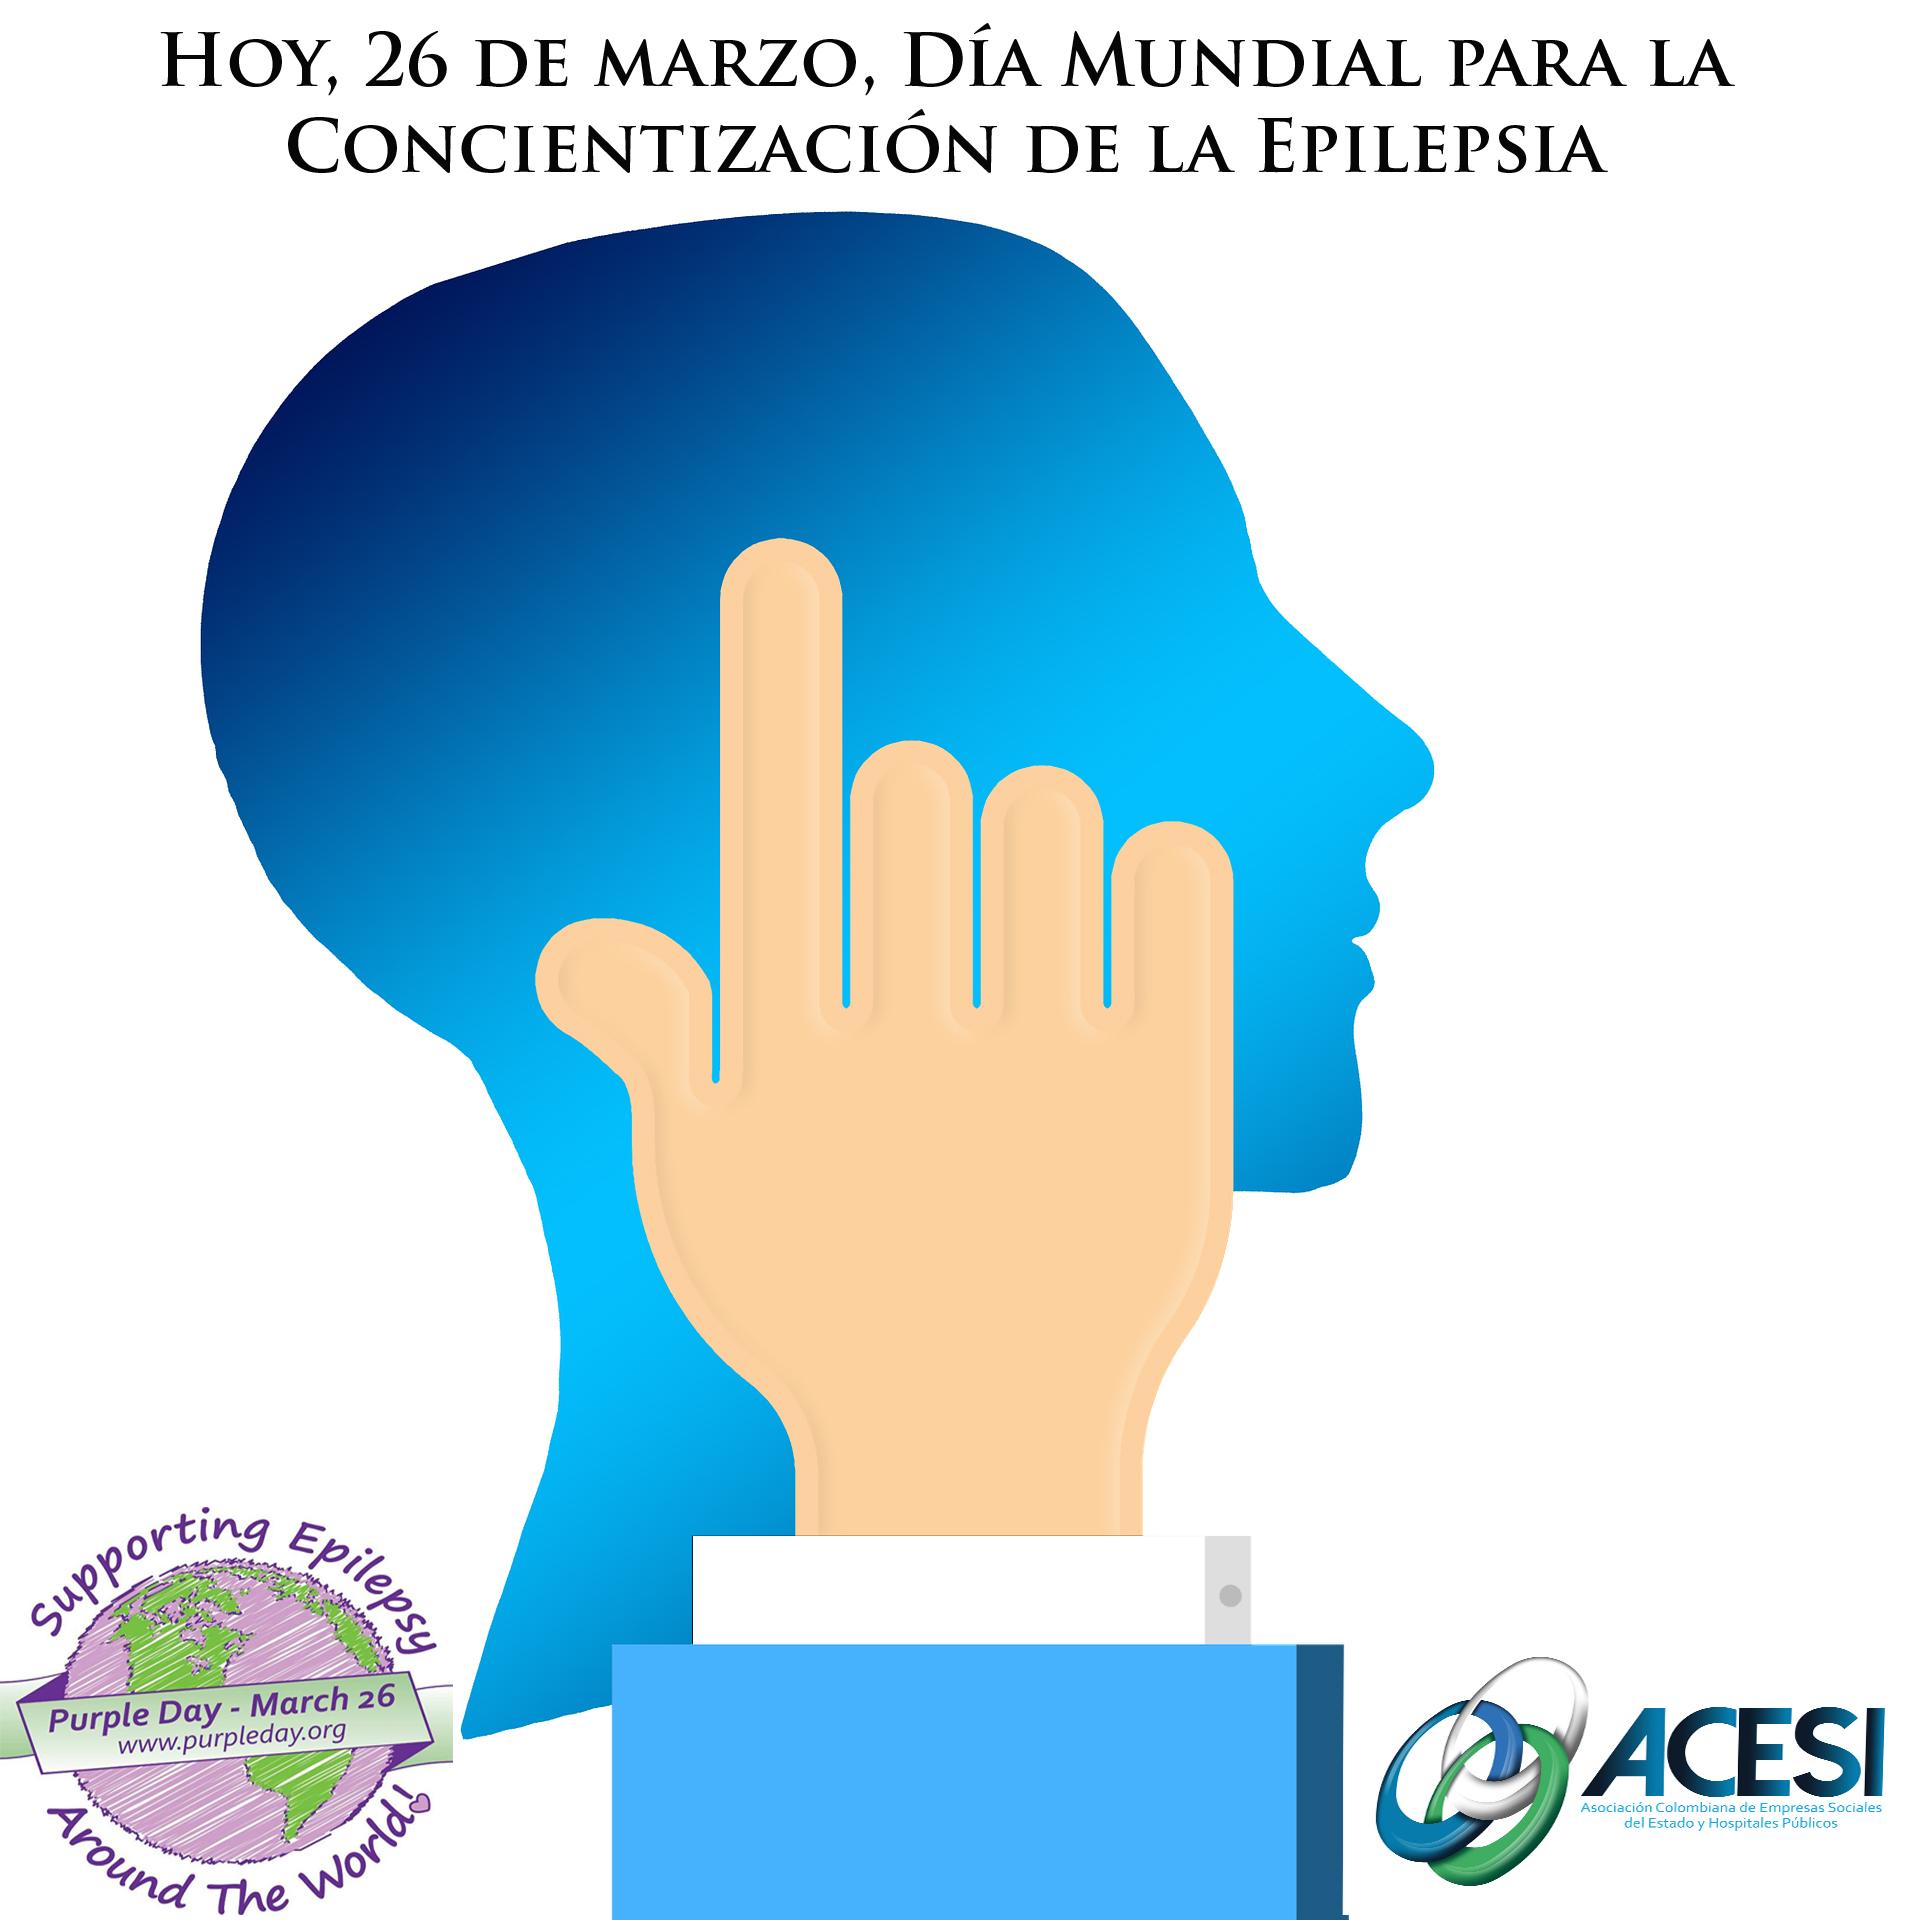 Hoy, 26 de marzo, Día Mundial para la Concientización de la Epilepsia